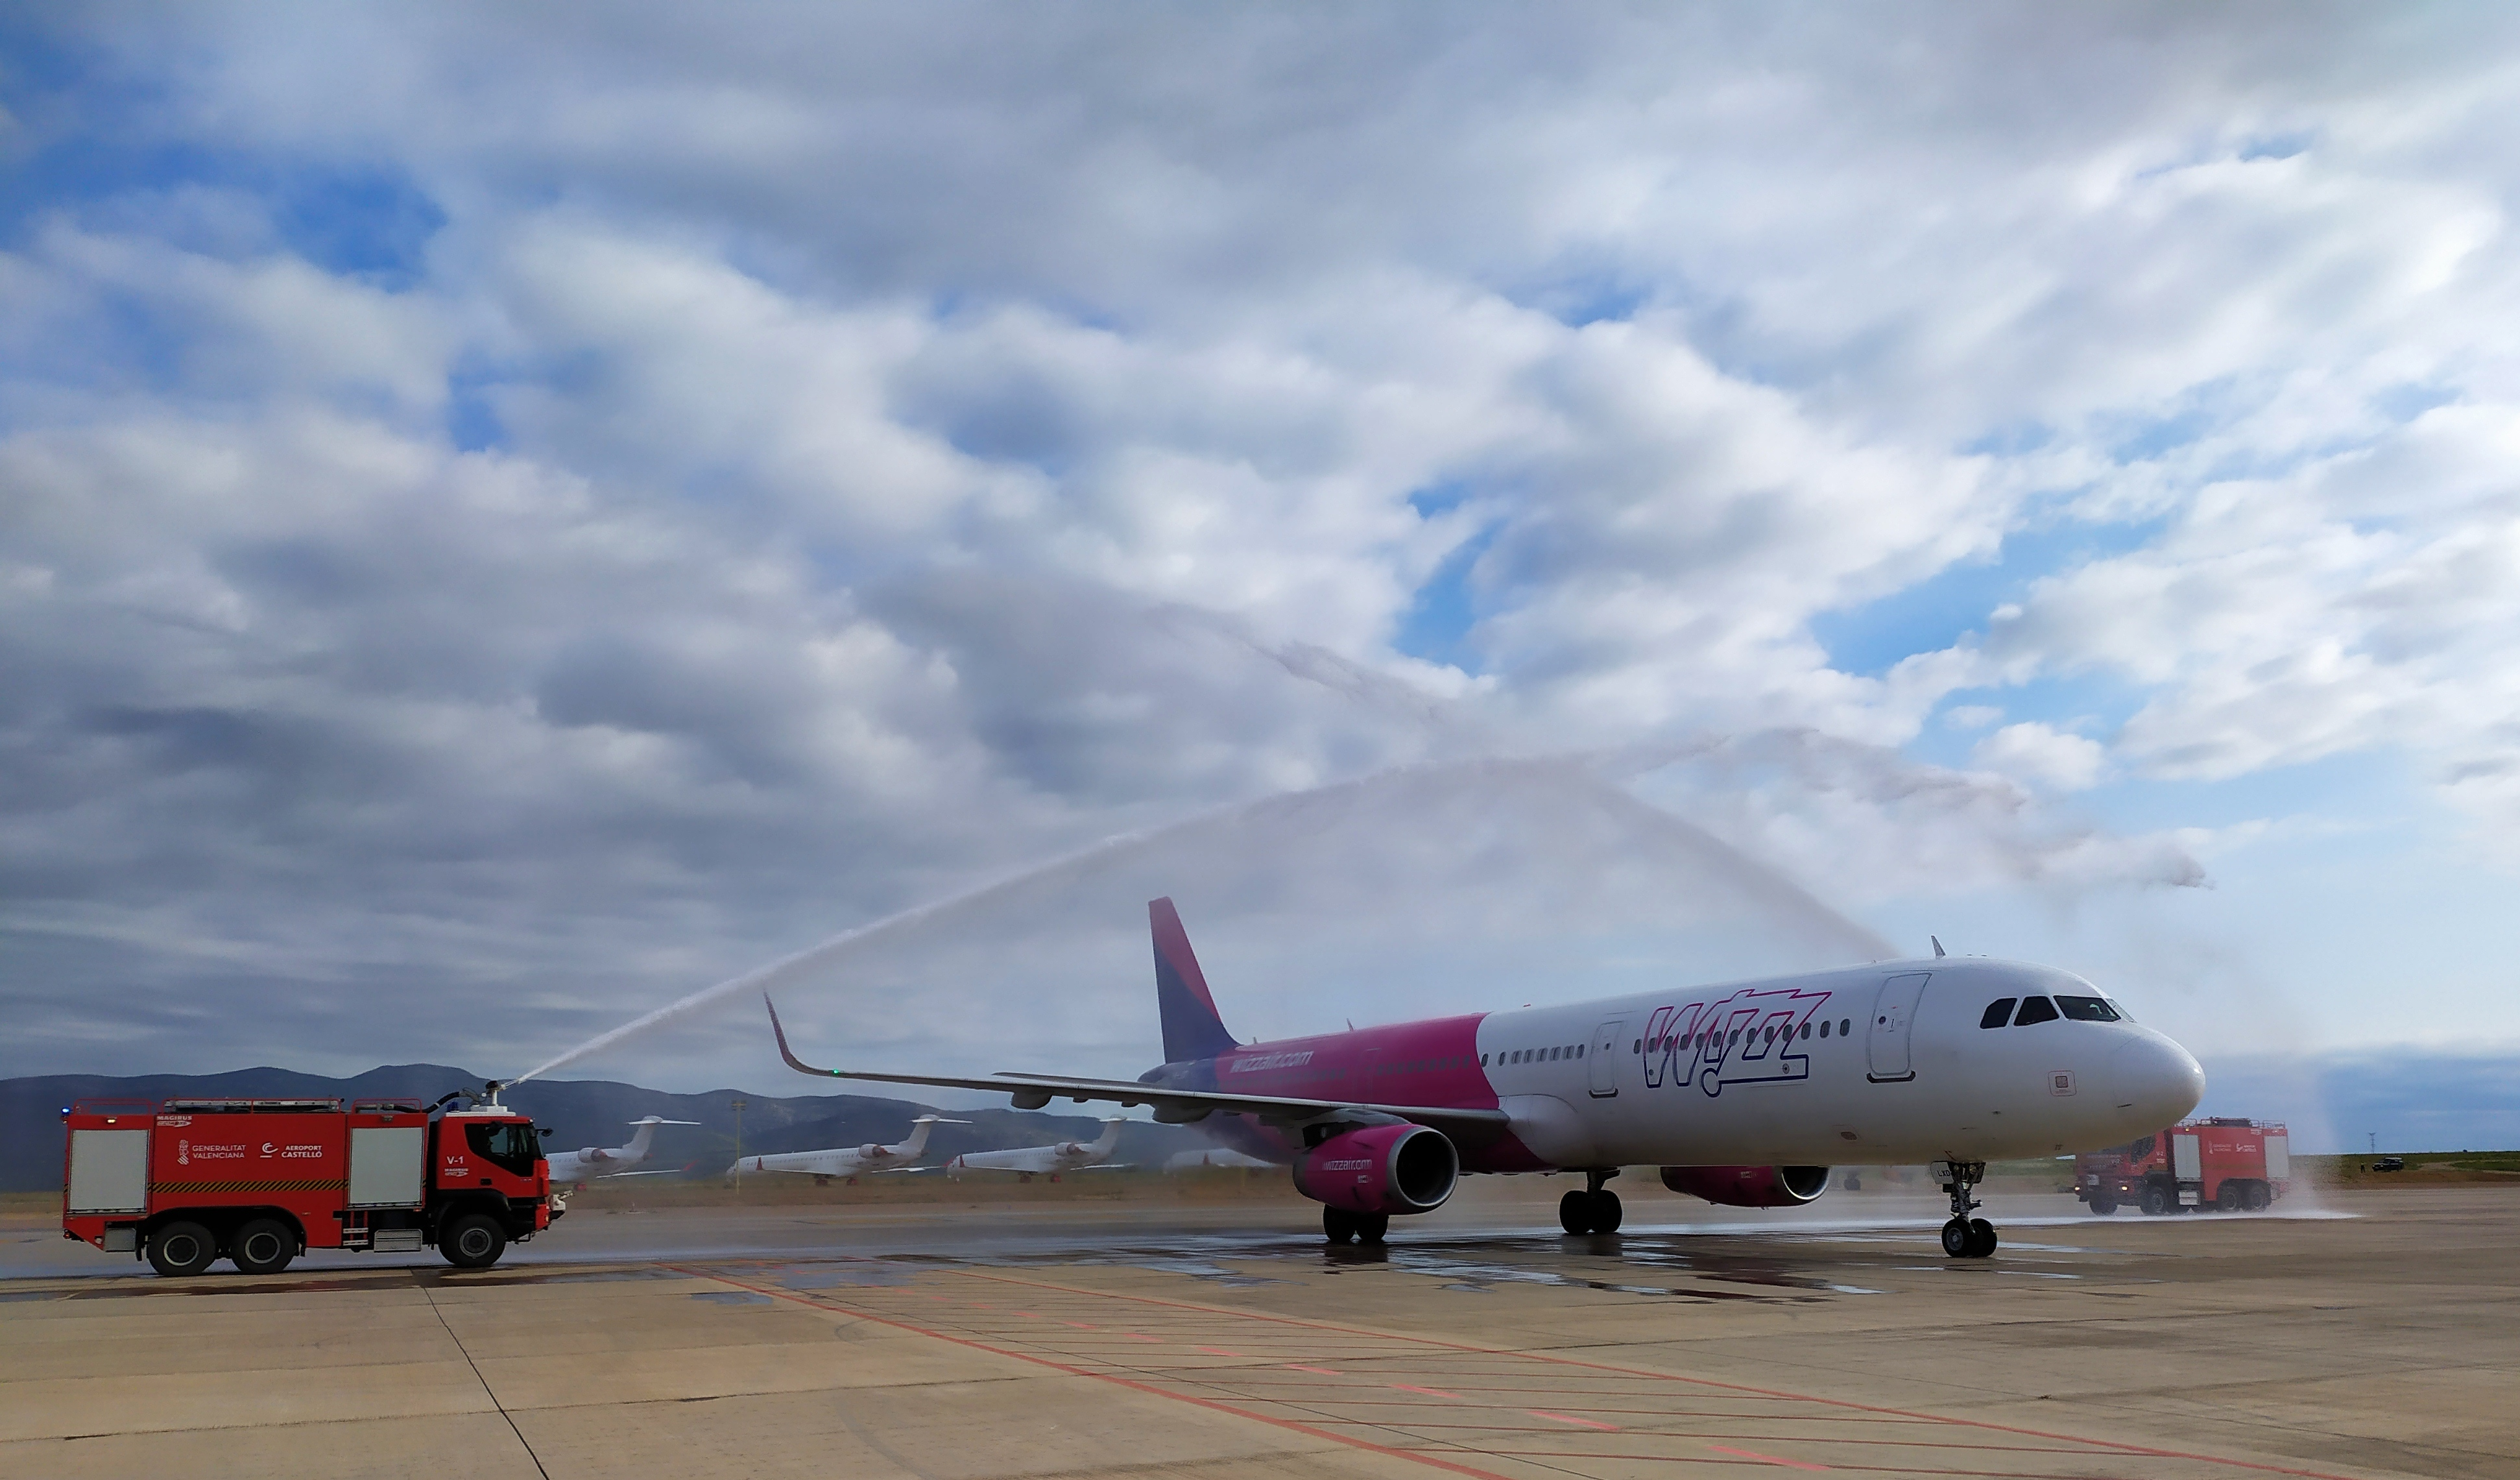 El aeropuerto de Castellón estrena una nueva ruta a Viena con dos frecuencias semanales